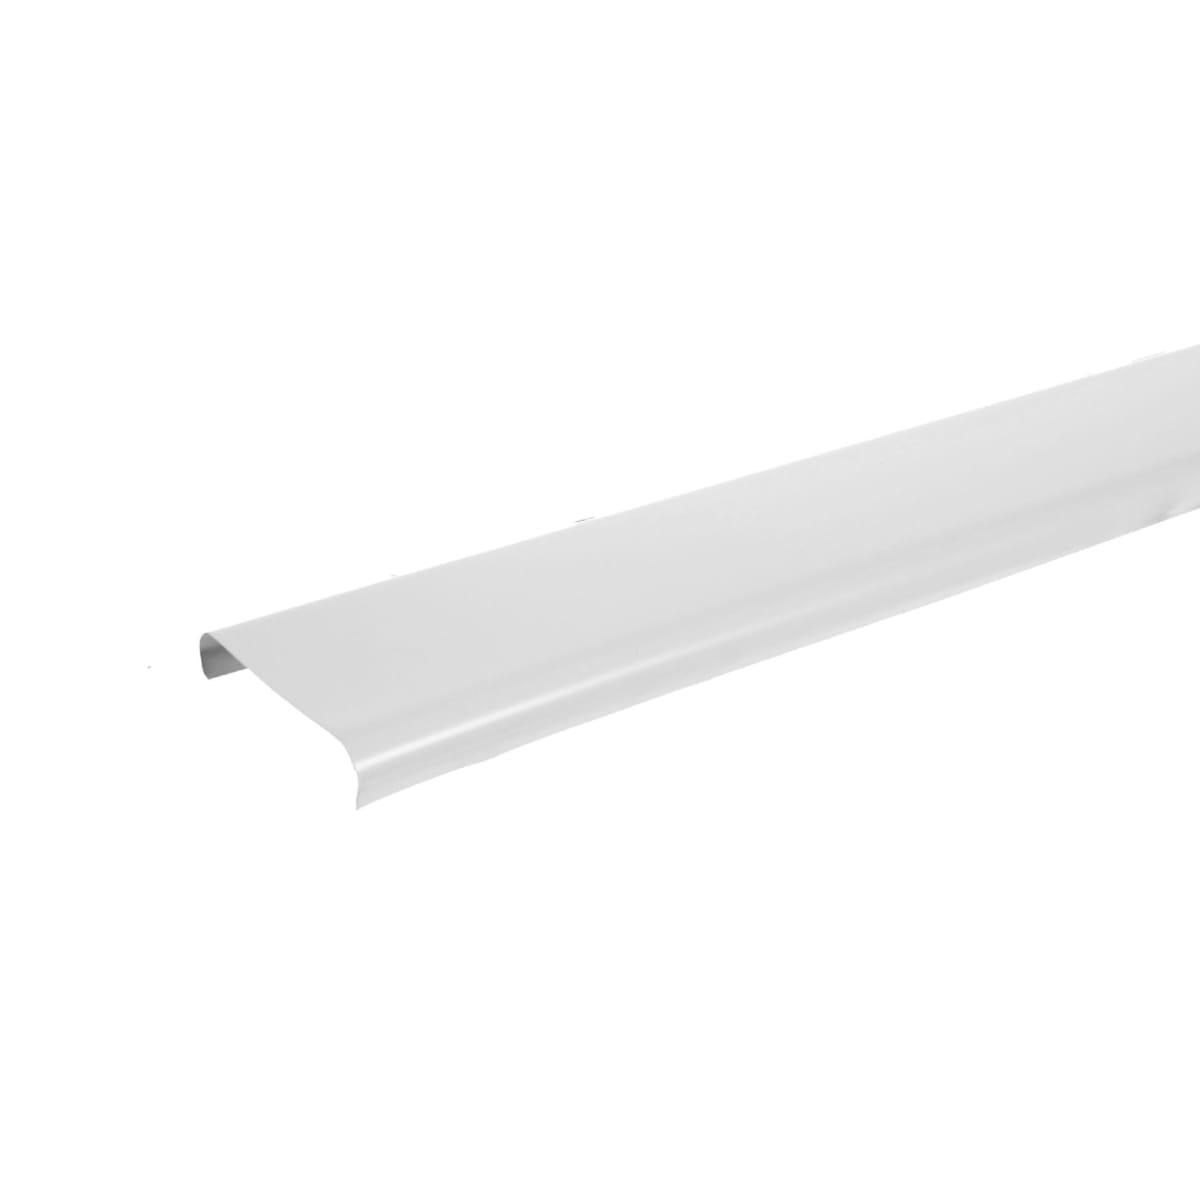 Набор реек 2.5х1 м цвет белый матовый, без раскладки